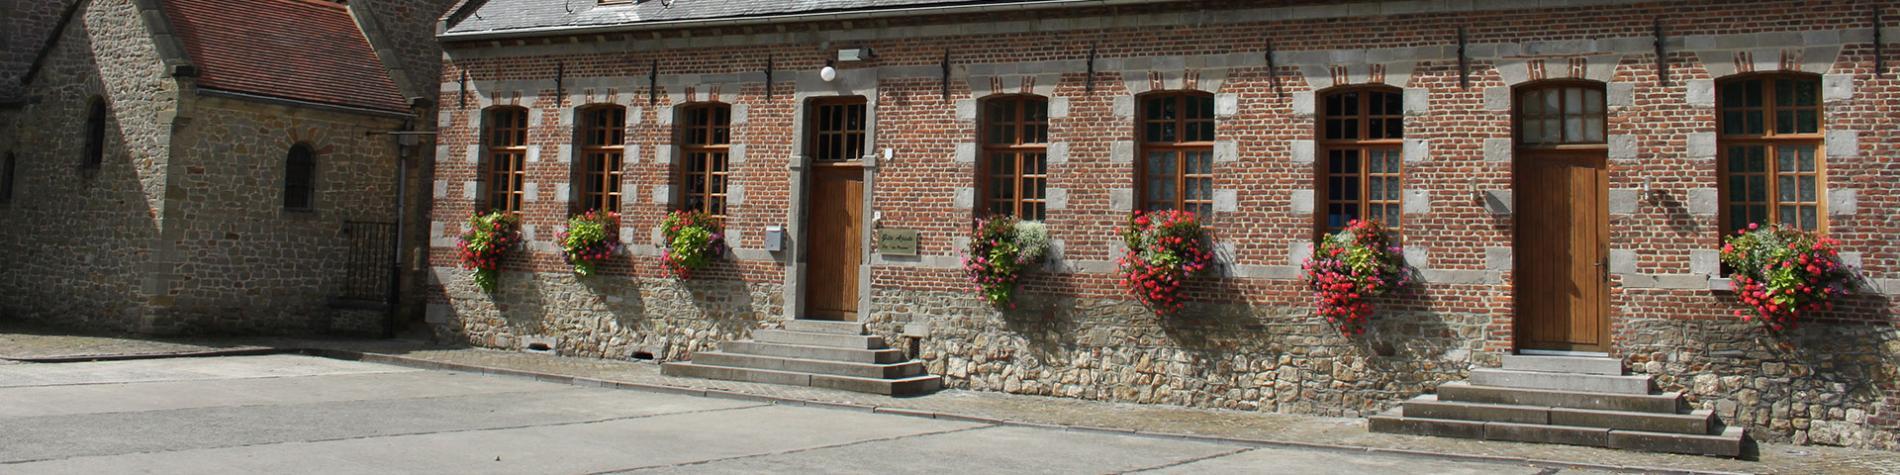 Visitare Aubechies, uno dei Villaggi Più Belli Della Vallonia - Provincia di Hainaut